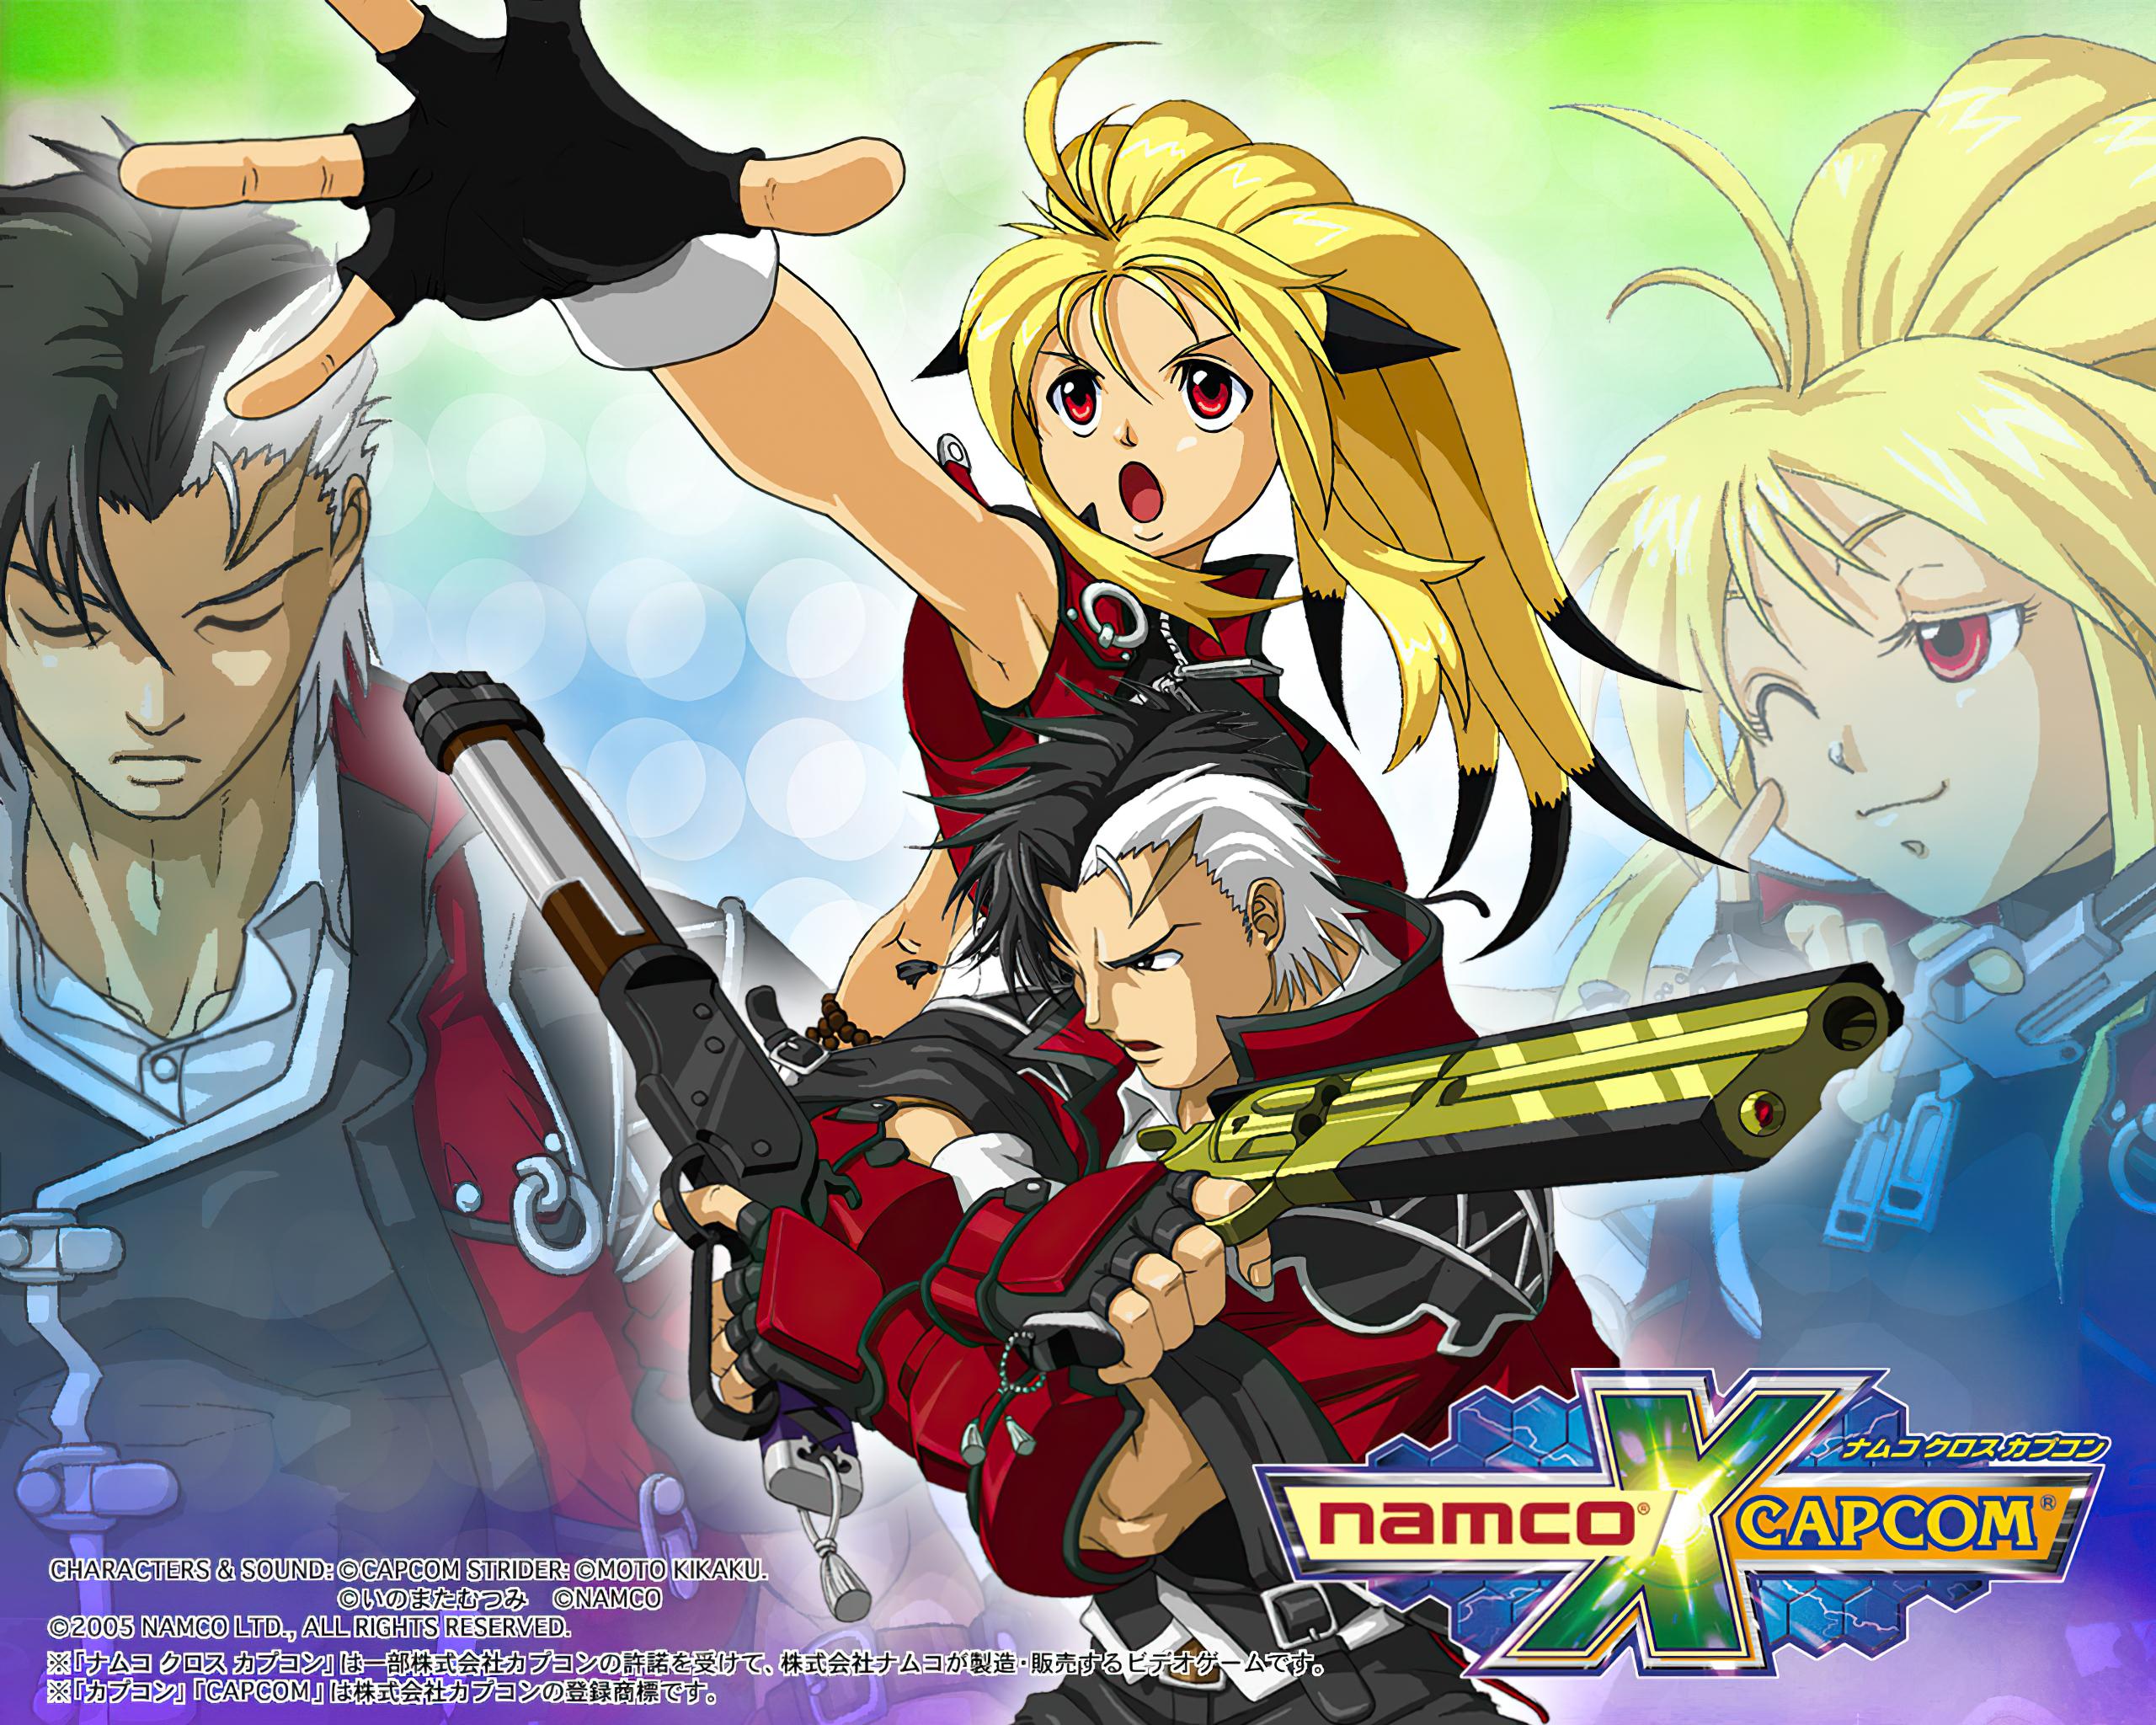 [Análise] Namco X Capcom - PS2 199861